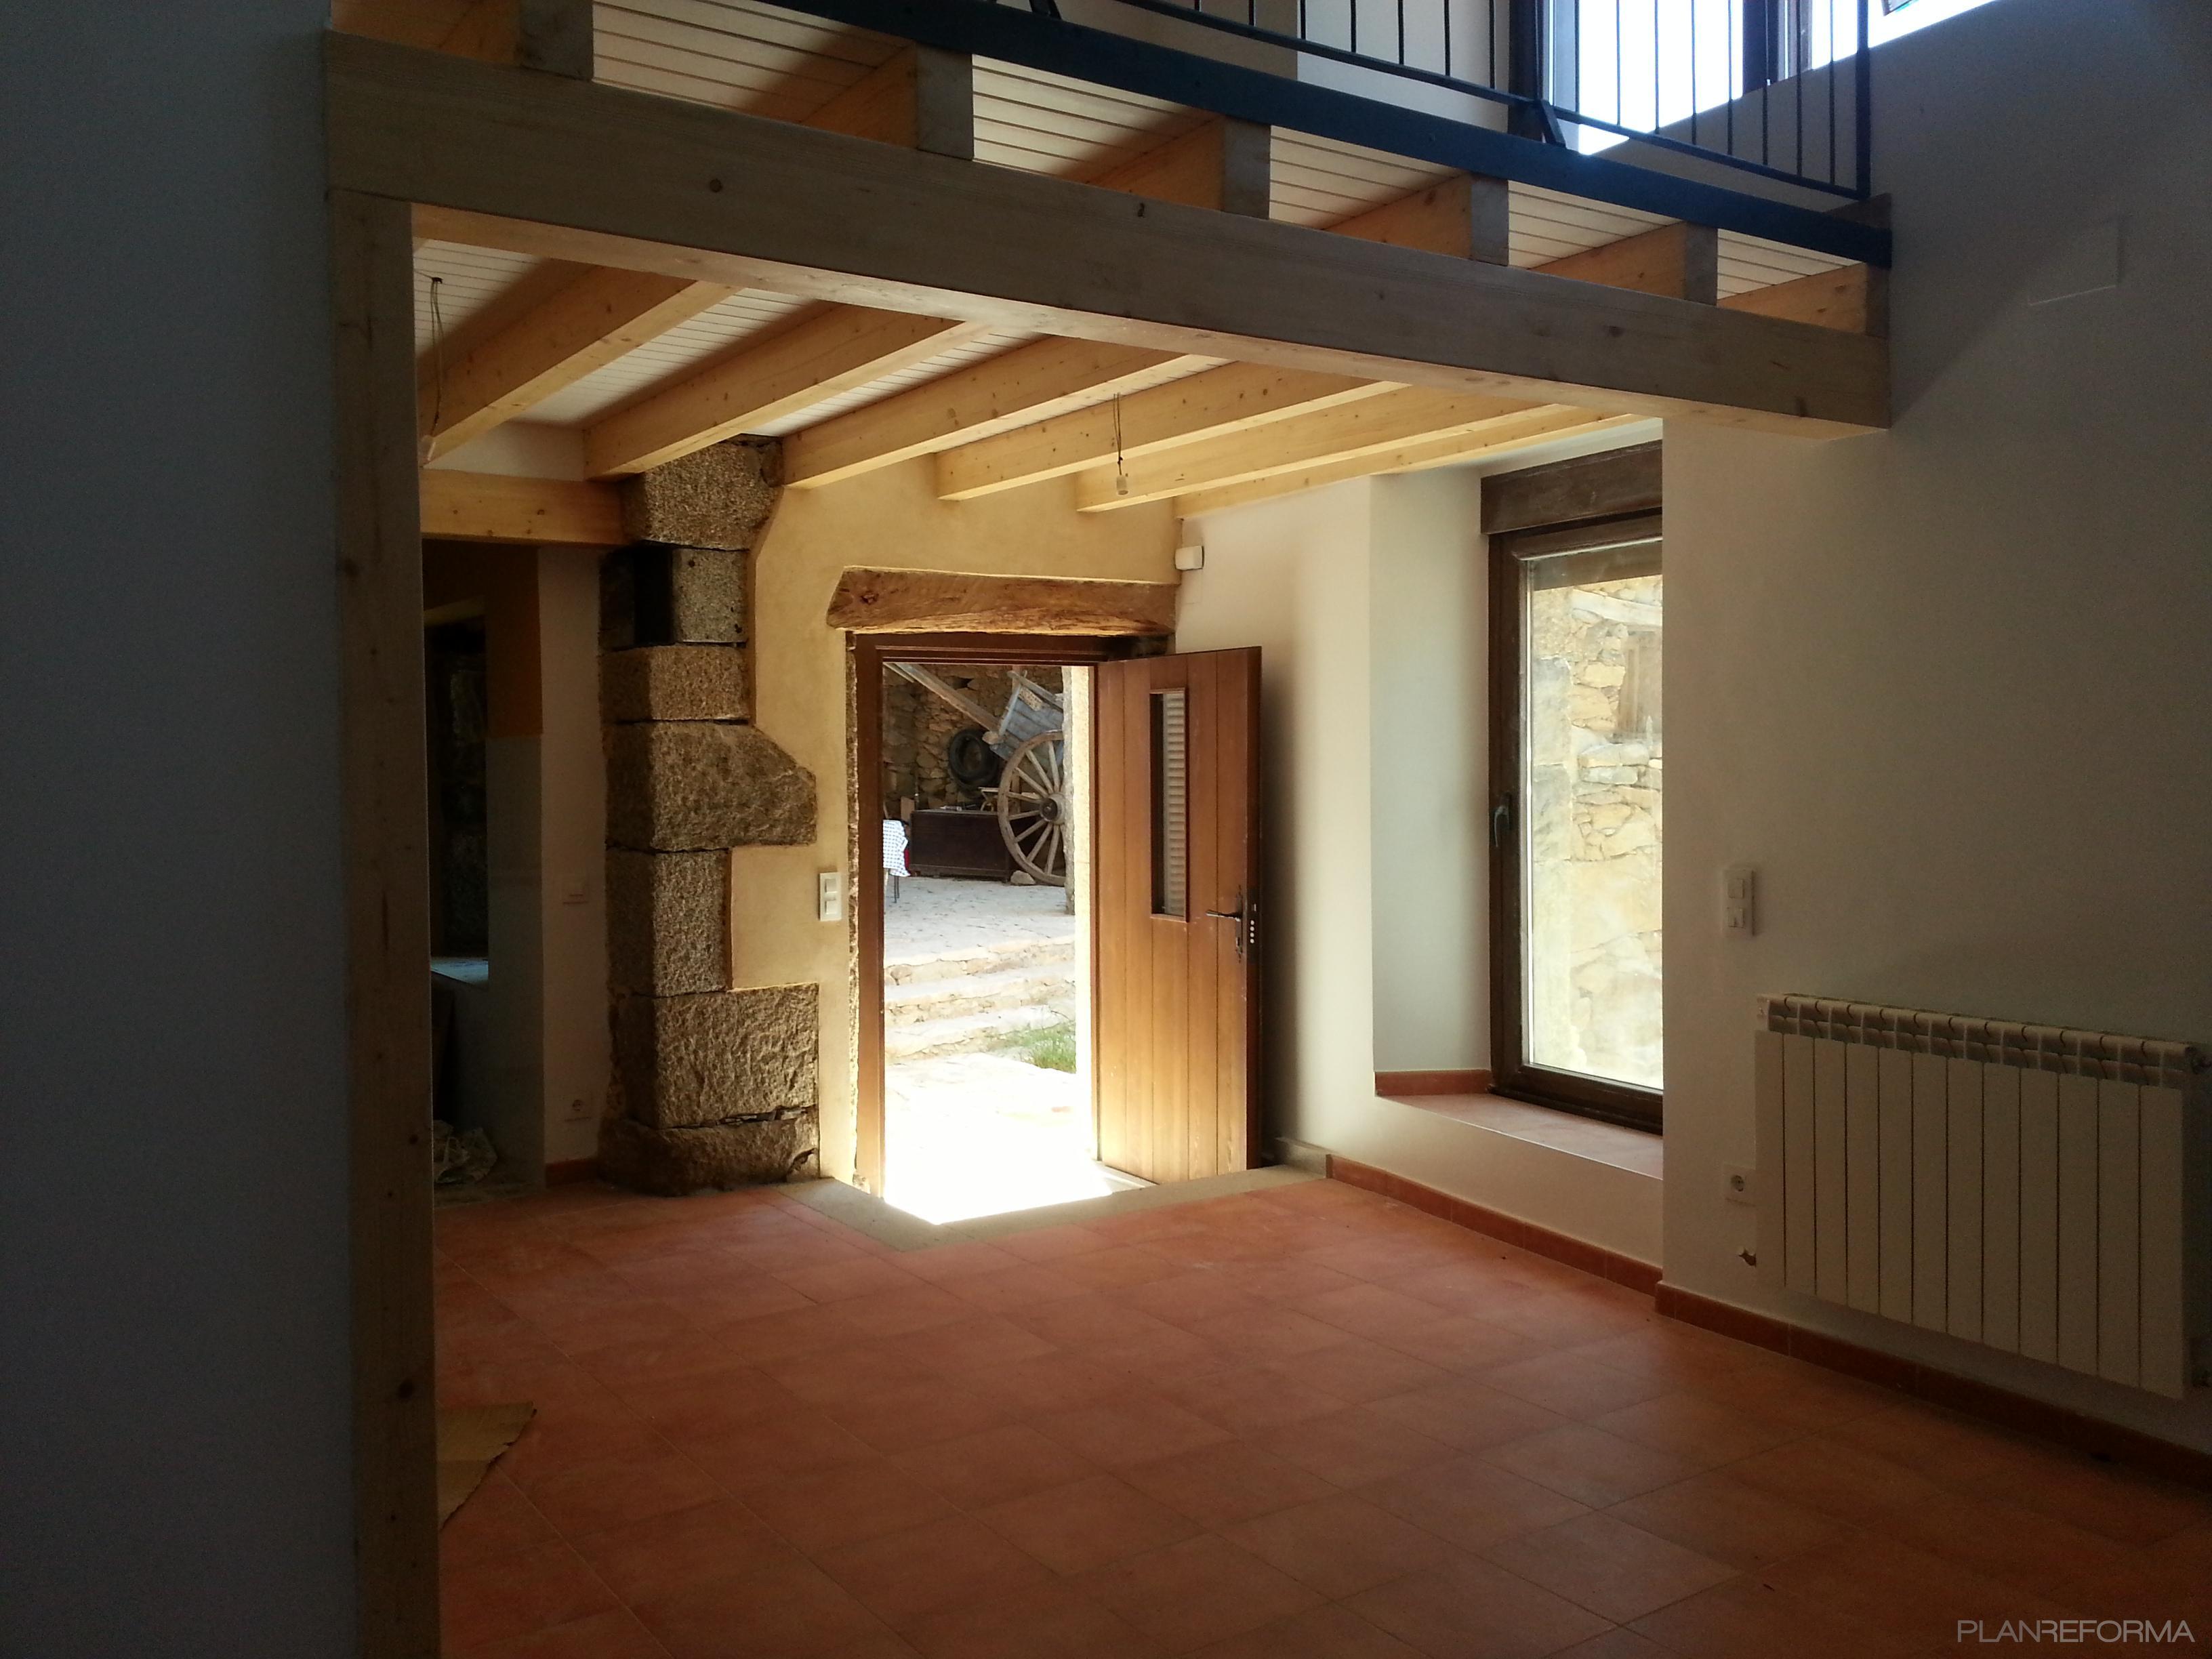 Recibidor exterior estilo rustico color beige marron marron for Arquitectura 5 de mayo plan de estudios